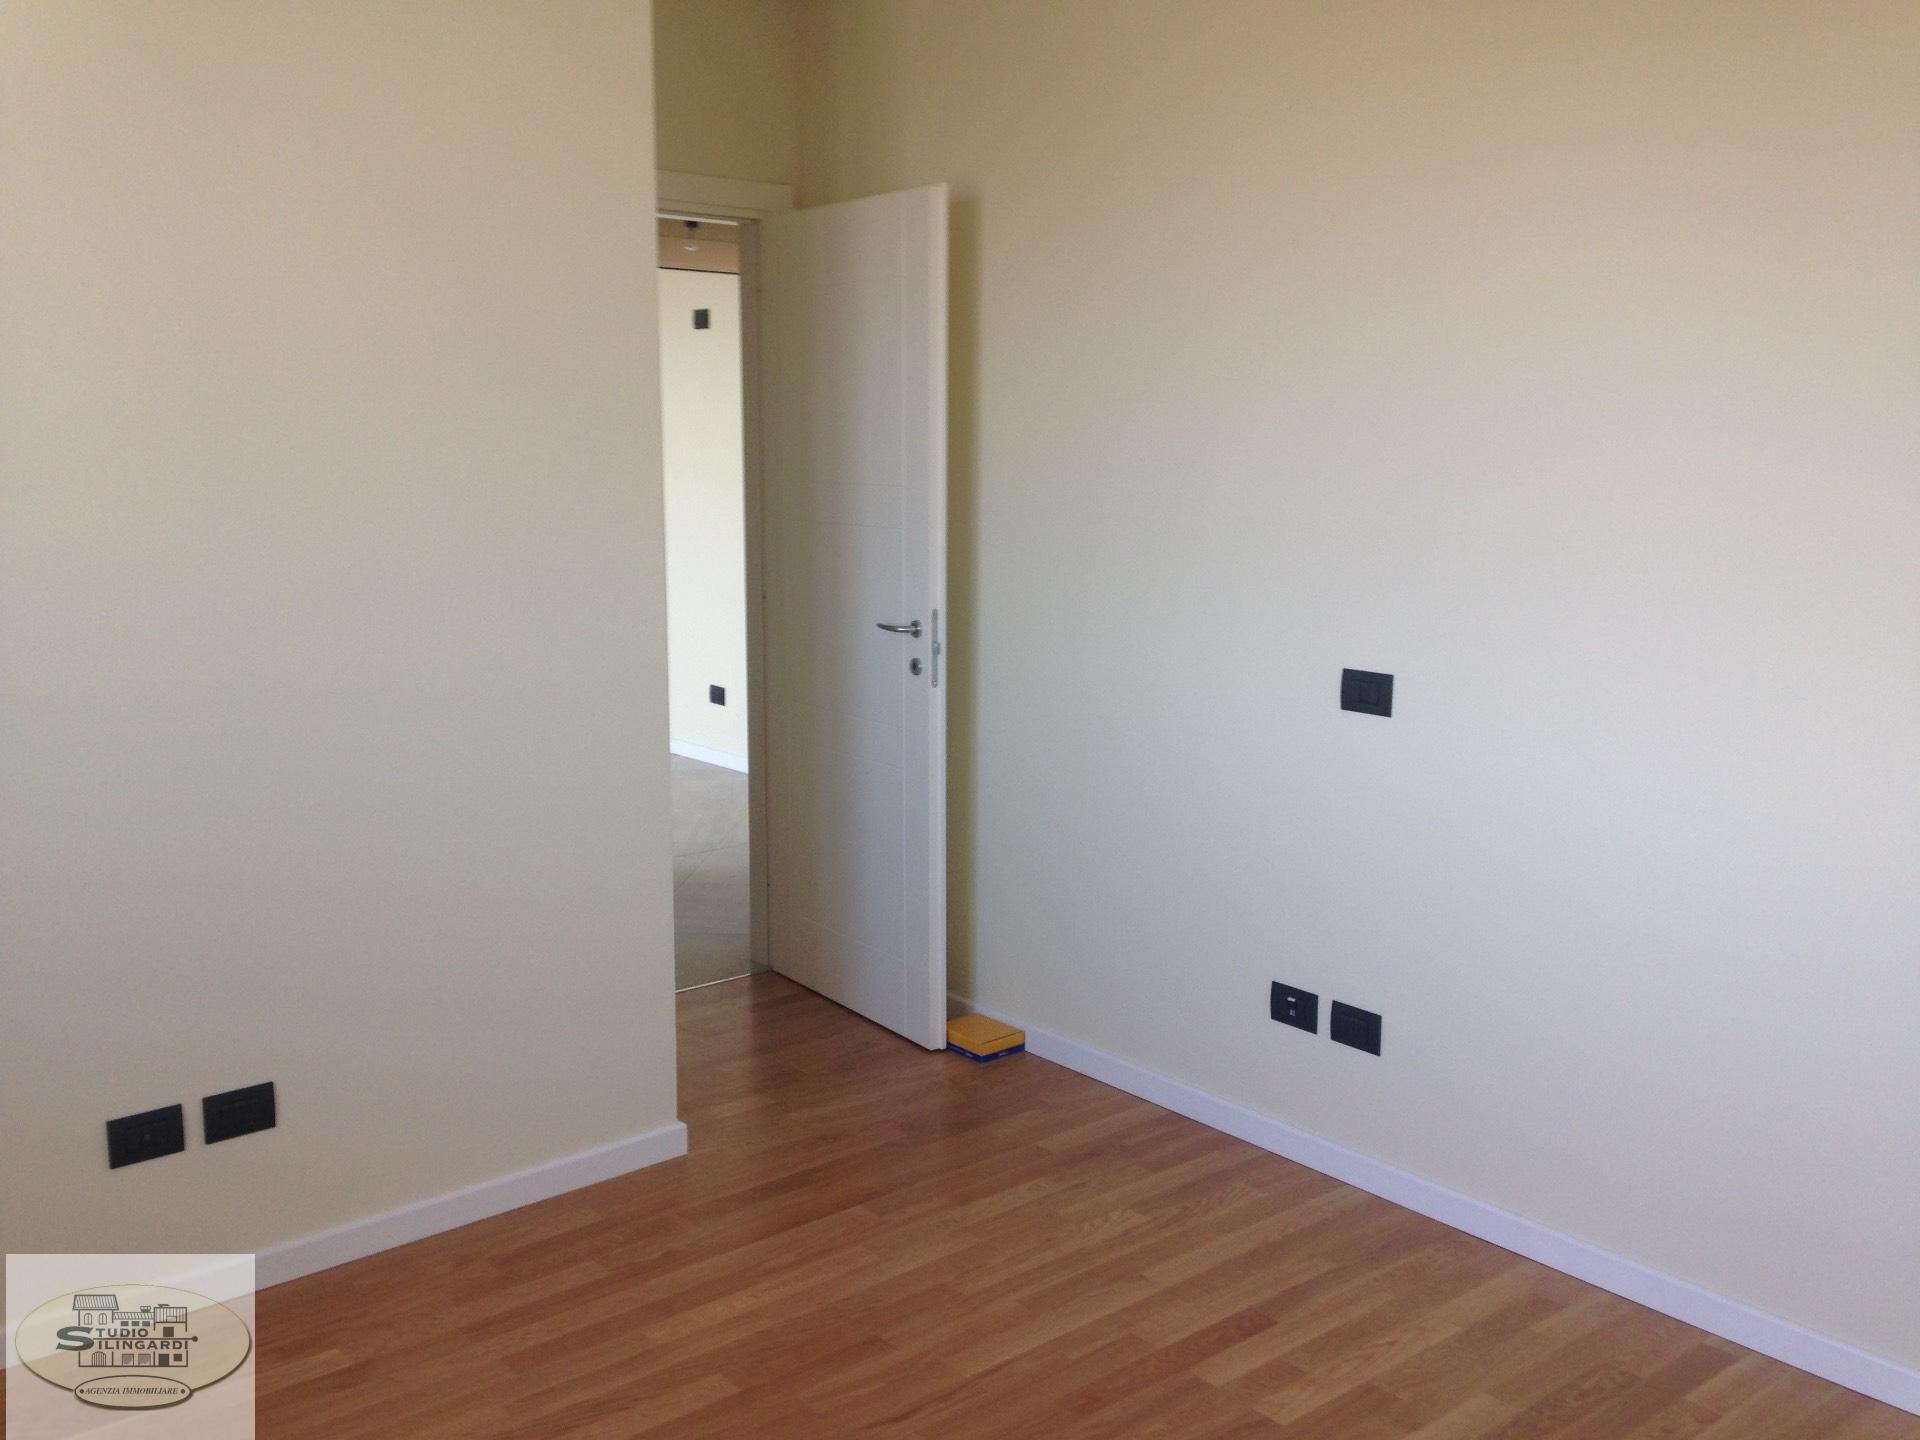 Appartamento in vendita a Fiorano Modenese, 3 locali, zona Località: Ubersetto, prezzo € 155.000 | Cambio Casa.it